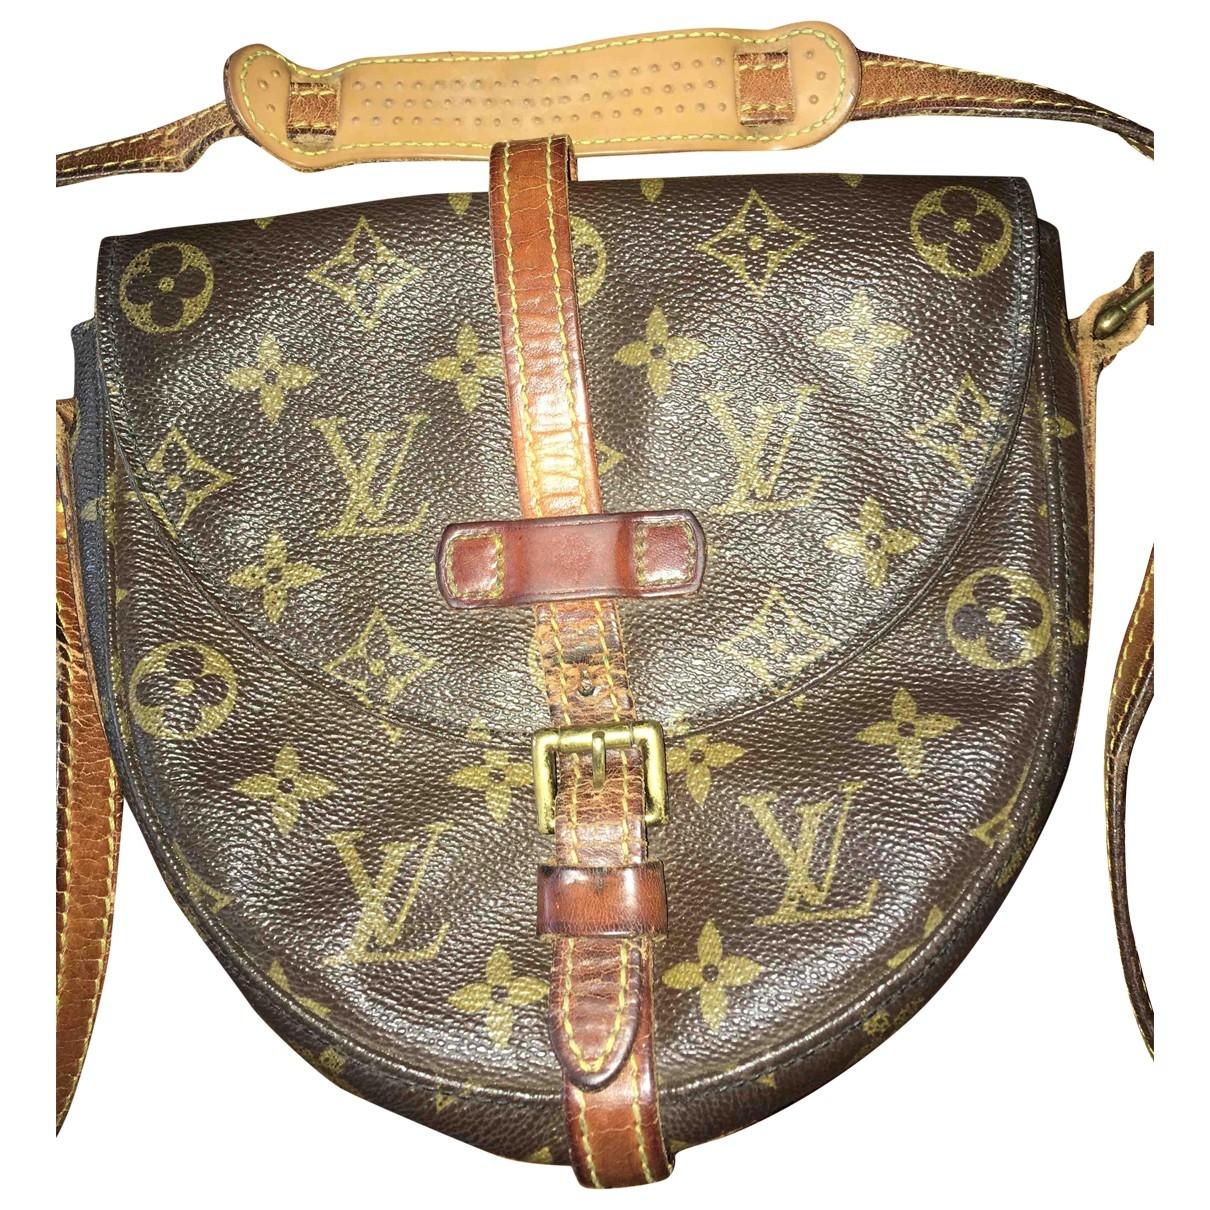 Bandolera Chantilly de Lona Louis Vuitton